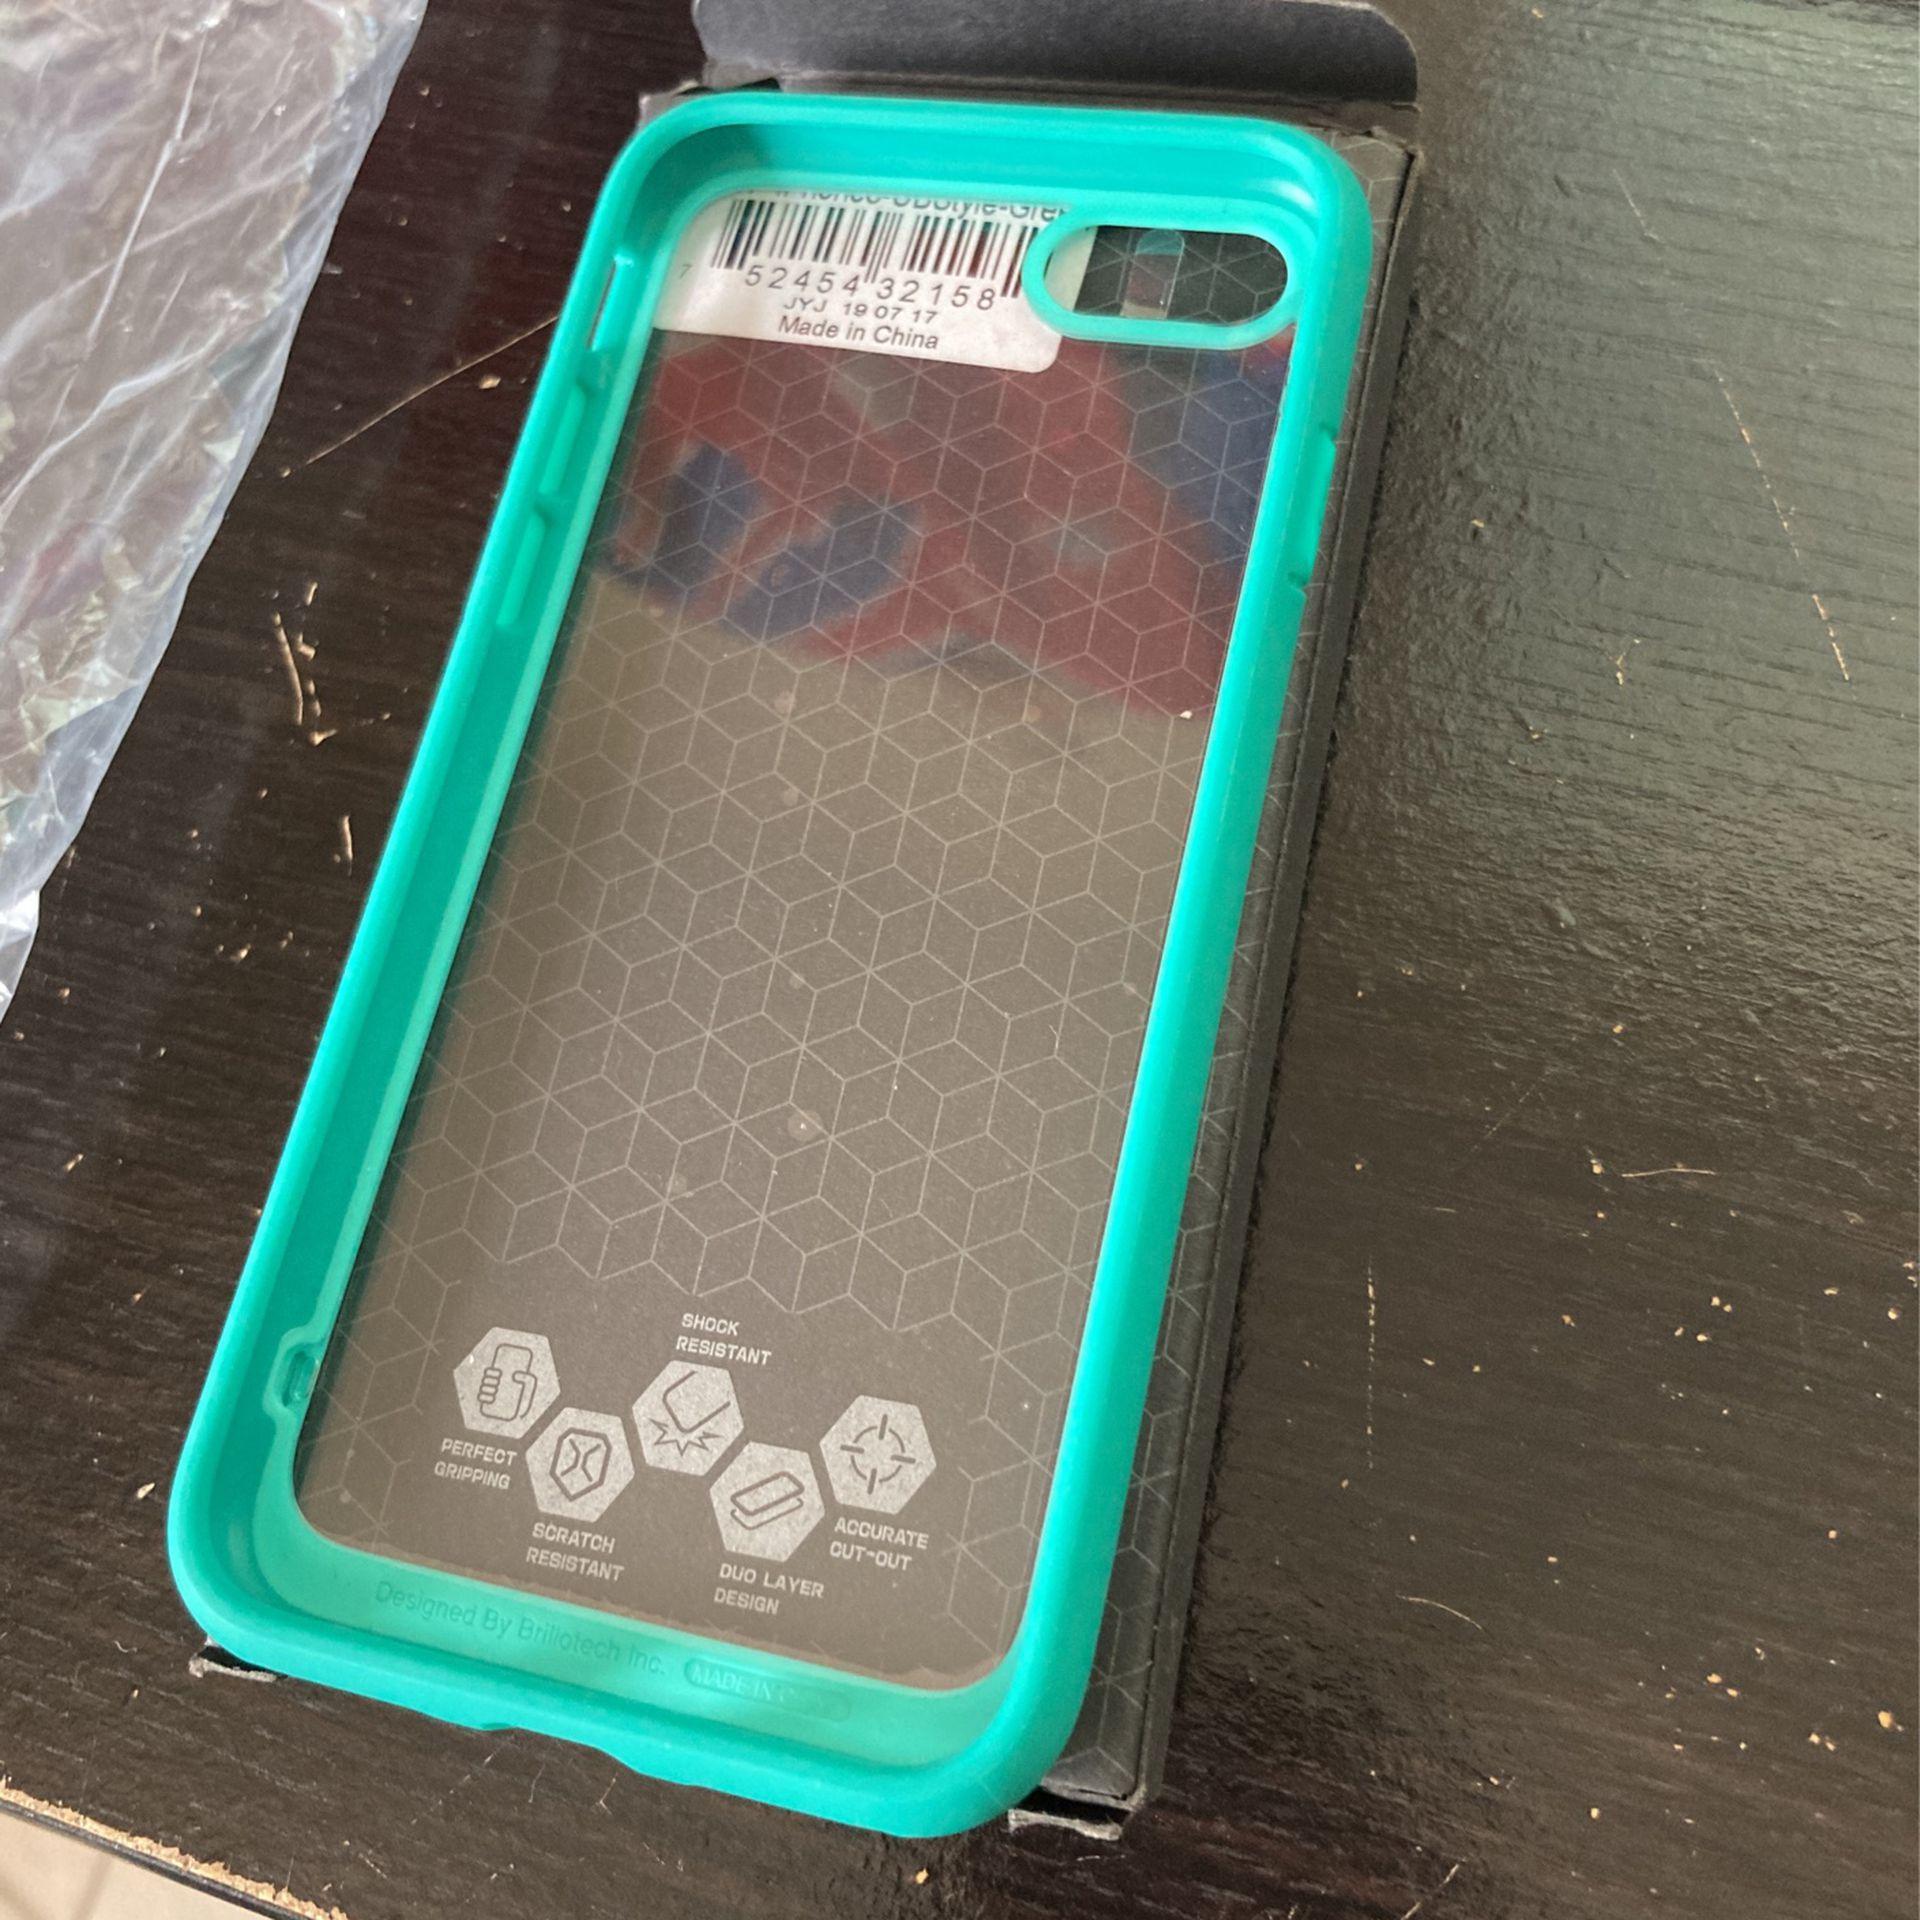 iPhone Case For 7, 8 & SE 2020 Models